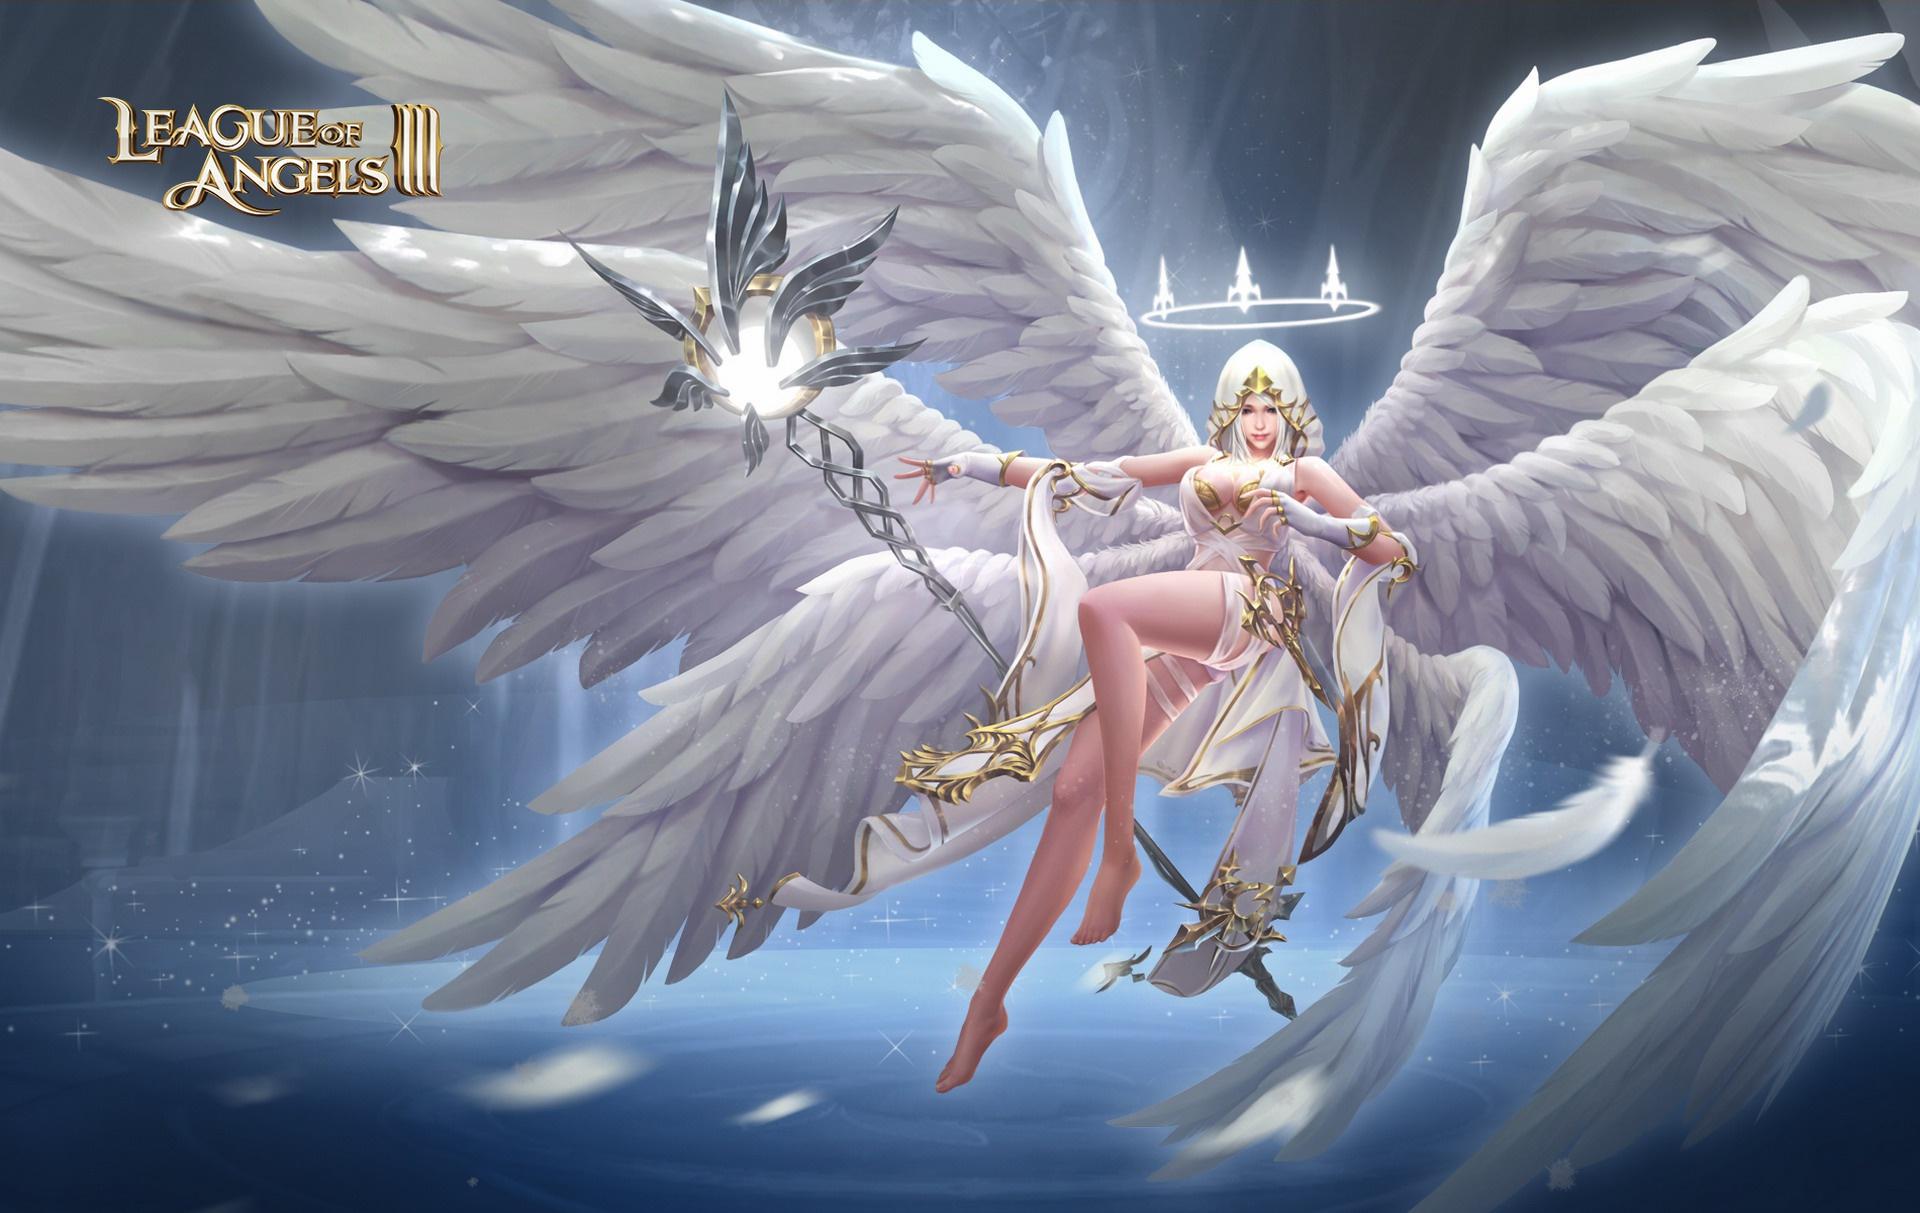 единственная игры ангел с картинками течении